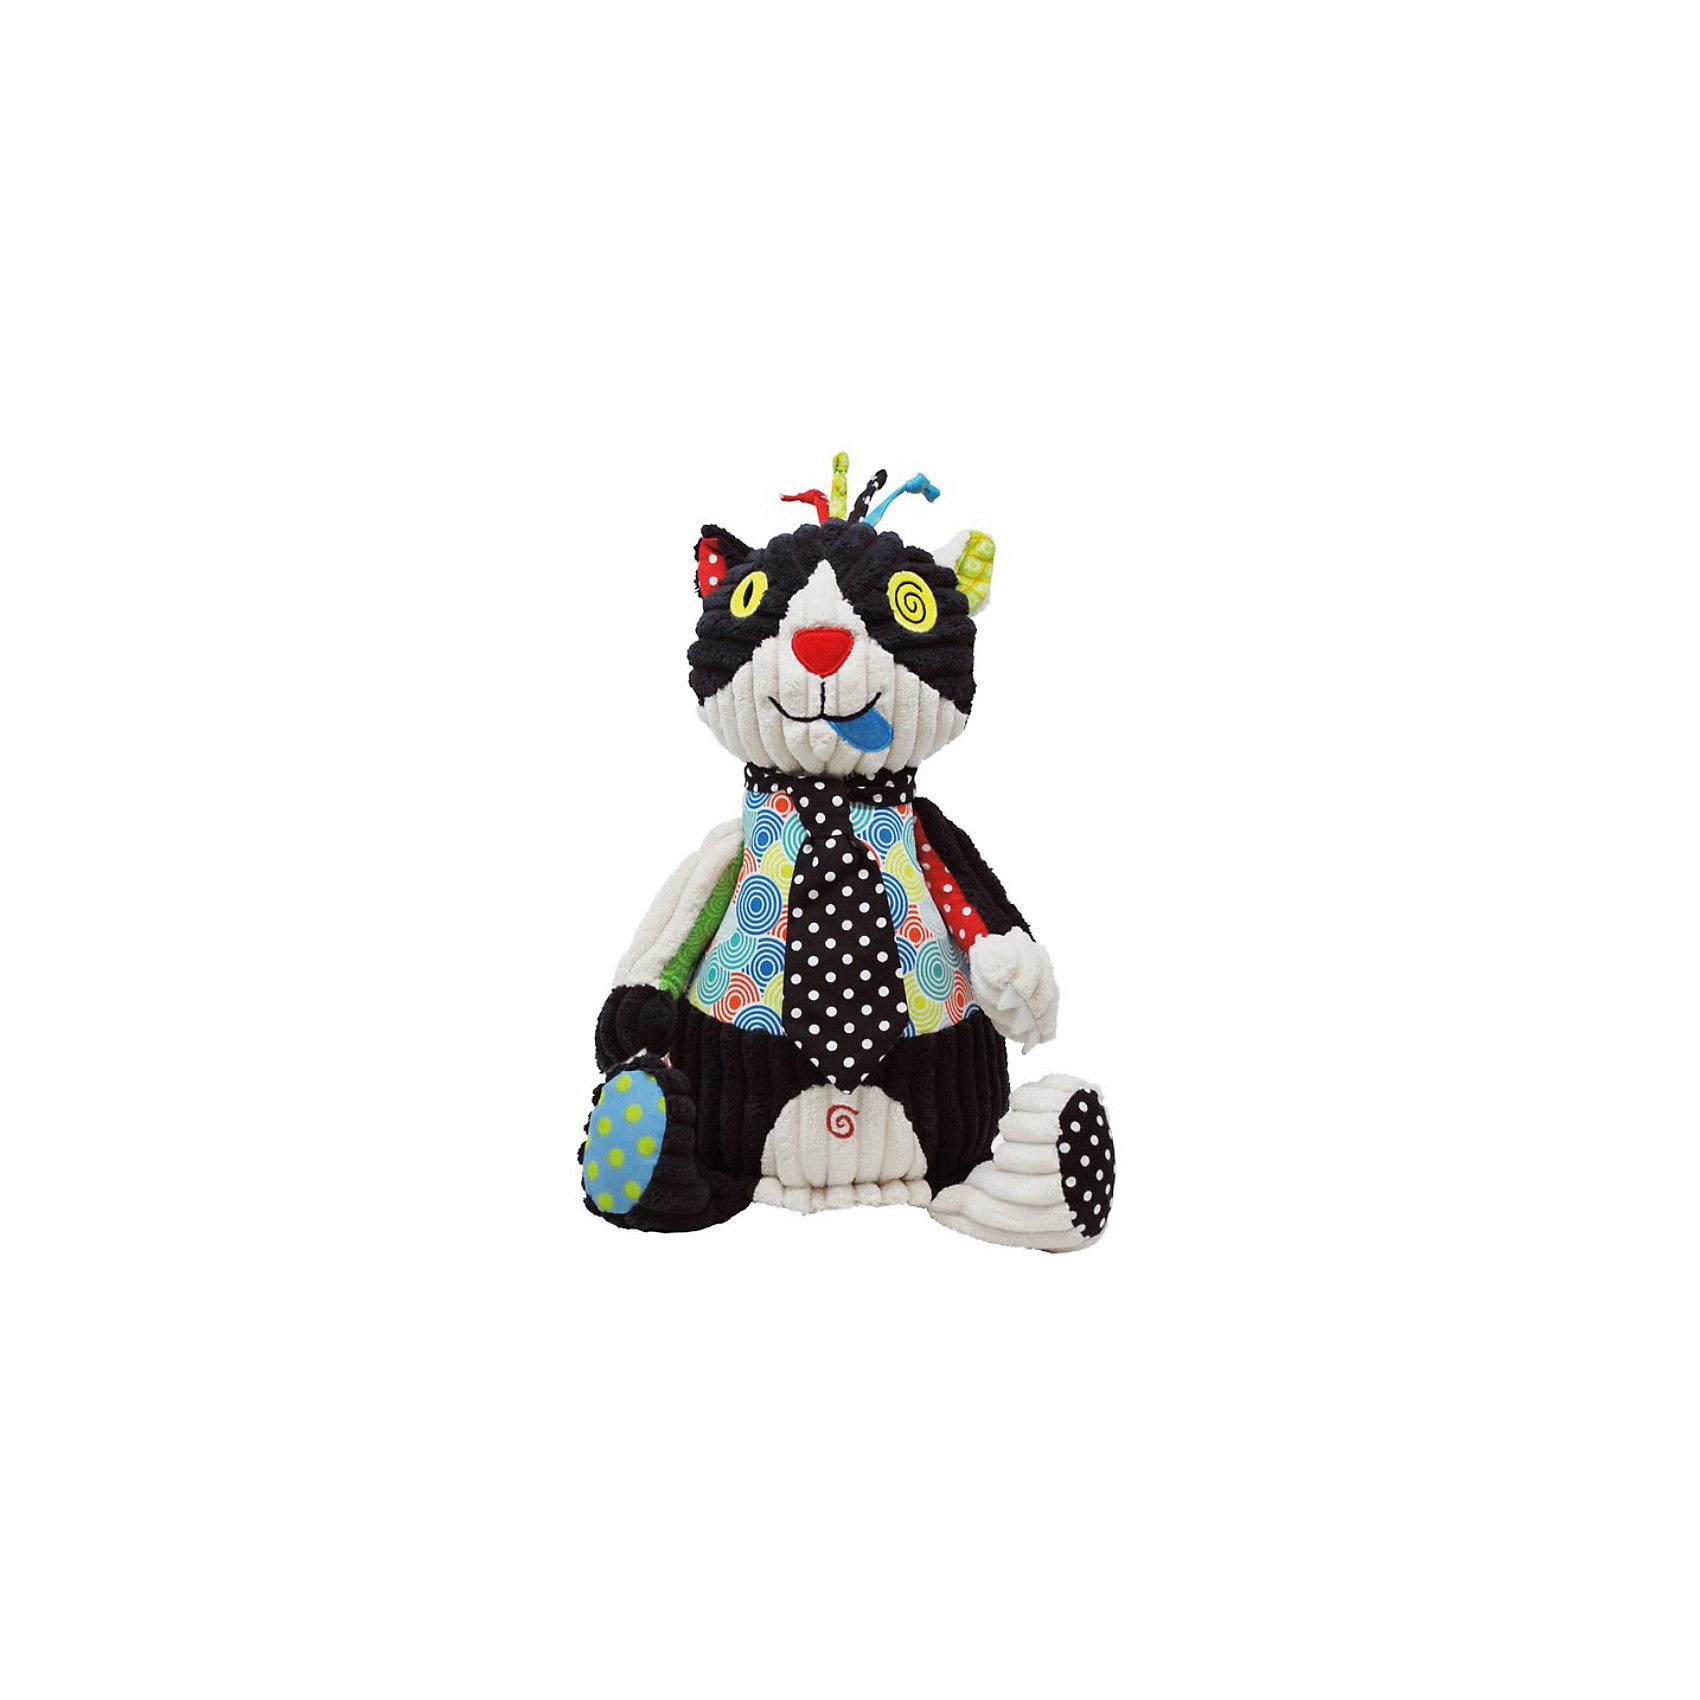 Игрушка Котик Charlos, DeglingosКошки и собаки<br>Эксклюзивная игрушка Котик Charlos, Deglingos - лучший подарок не только детям, но и взрослым.<br>Мягкая дизайнерская игрушка Кот Charlos с элементами ручной вышивки сразу покорит сердце вашего малыша! Все детали на котике вышиты. Кот Charlos завоевывает симпатию экстравагантным и необычным видом. Игрушка порадует ее обладателя ручной работой, высоким уровнем исполнения и достойным выбором первоклассных материалов, взятых для ее изготовления.<br><br>Дополнительная информация:<br><br>- Материалы: велюр, вельвет, ситец, драп, мешковина<br>- Наполнитель: полиэстер<br>- Лапы котика вращаются<br>- Высота котика: 27 см.<br><br>Игрушку Котик Charlos, Deglingos можно купить в нашем интернет-магазине.<br><br>Ширина мм: 120<br>Глубина мм: 120<br>Высота мм: 350<br>Вес г: 230<br>Возраст от месяцев: 24<br>Возраст до месяцев: 120<br>Пол: Унисекс<br>Возраст: Детский<br>SKU: 3771799